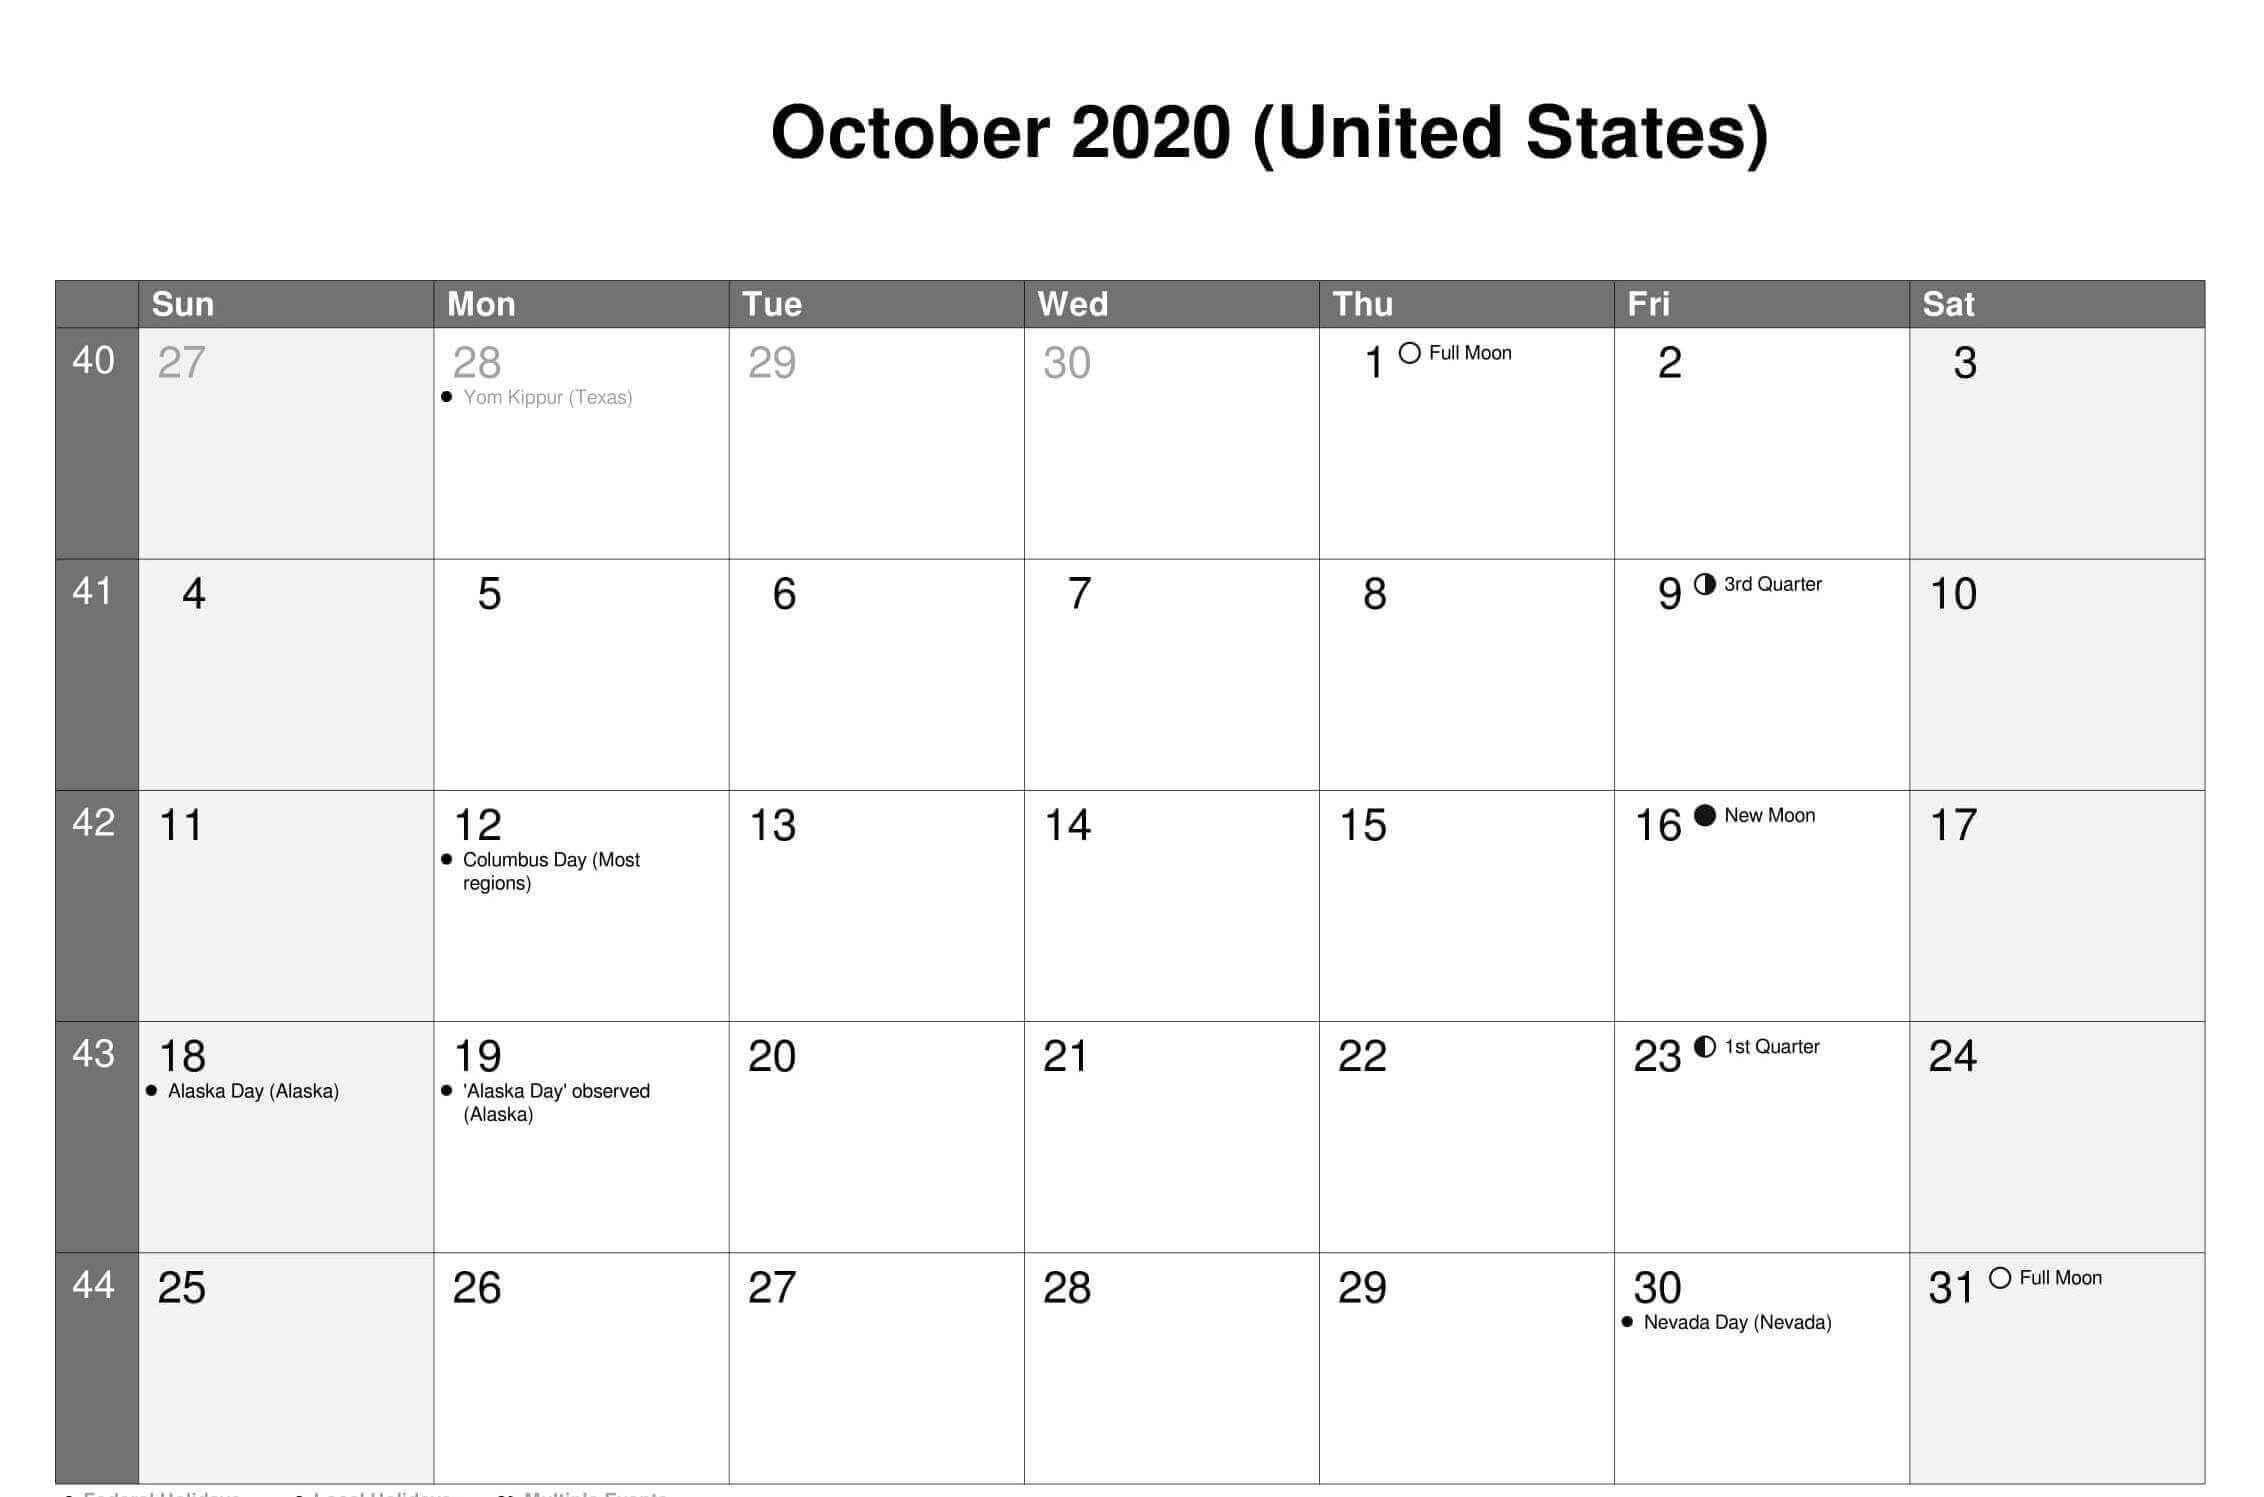 October 2020 Calendar Usa In 2020 Usa Calendar Federal Holiday Calendar October Calendar